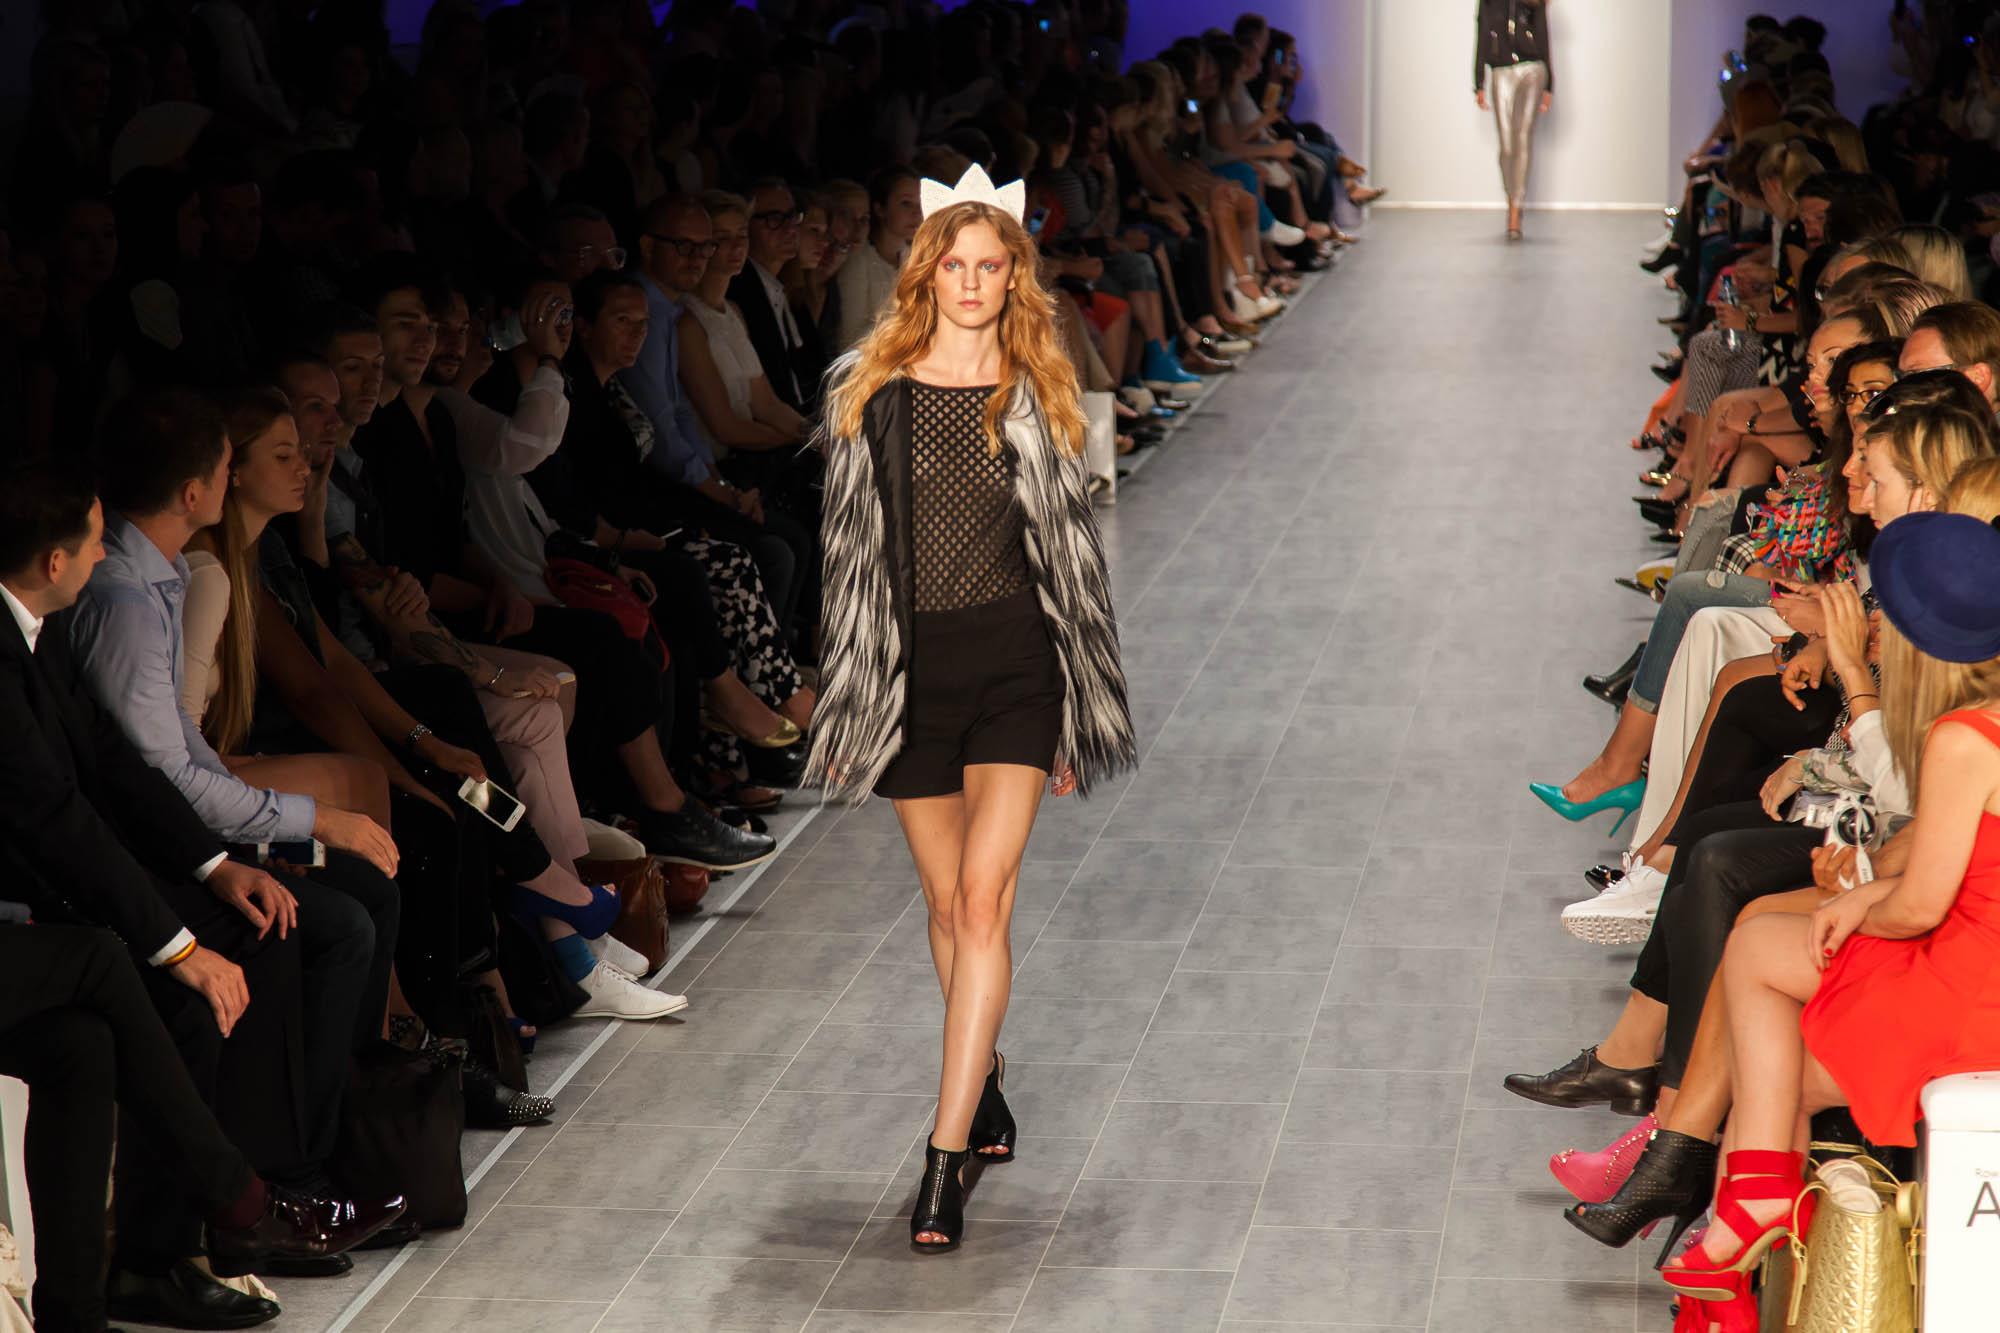 20140709-Fashionweek-glaw-04